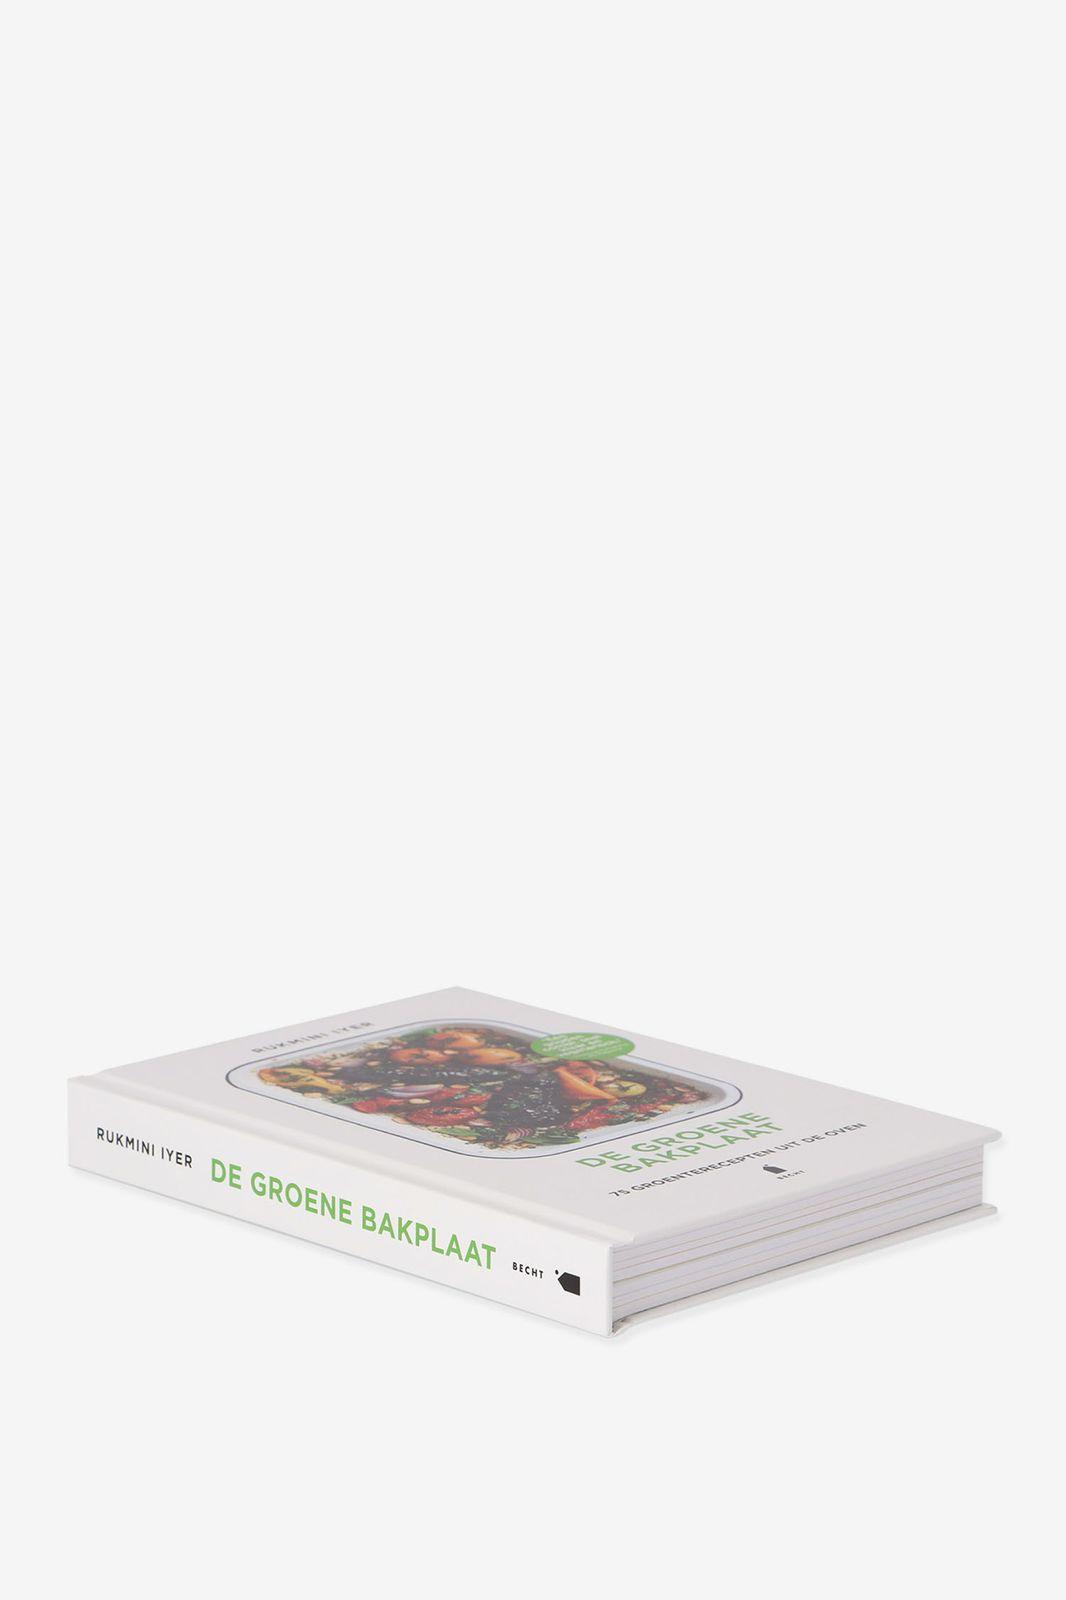 Boek de groene bakplaat